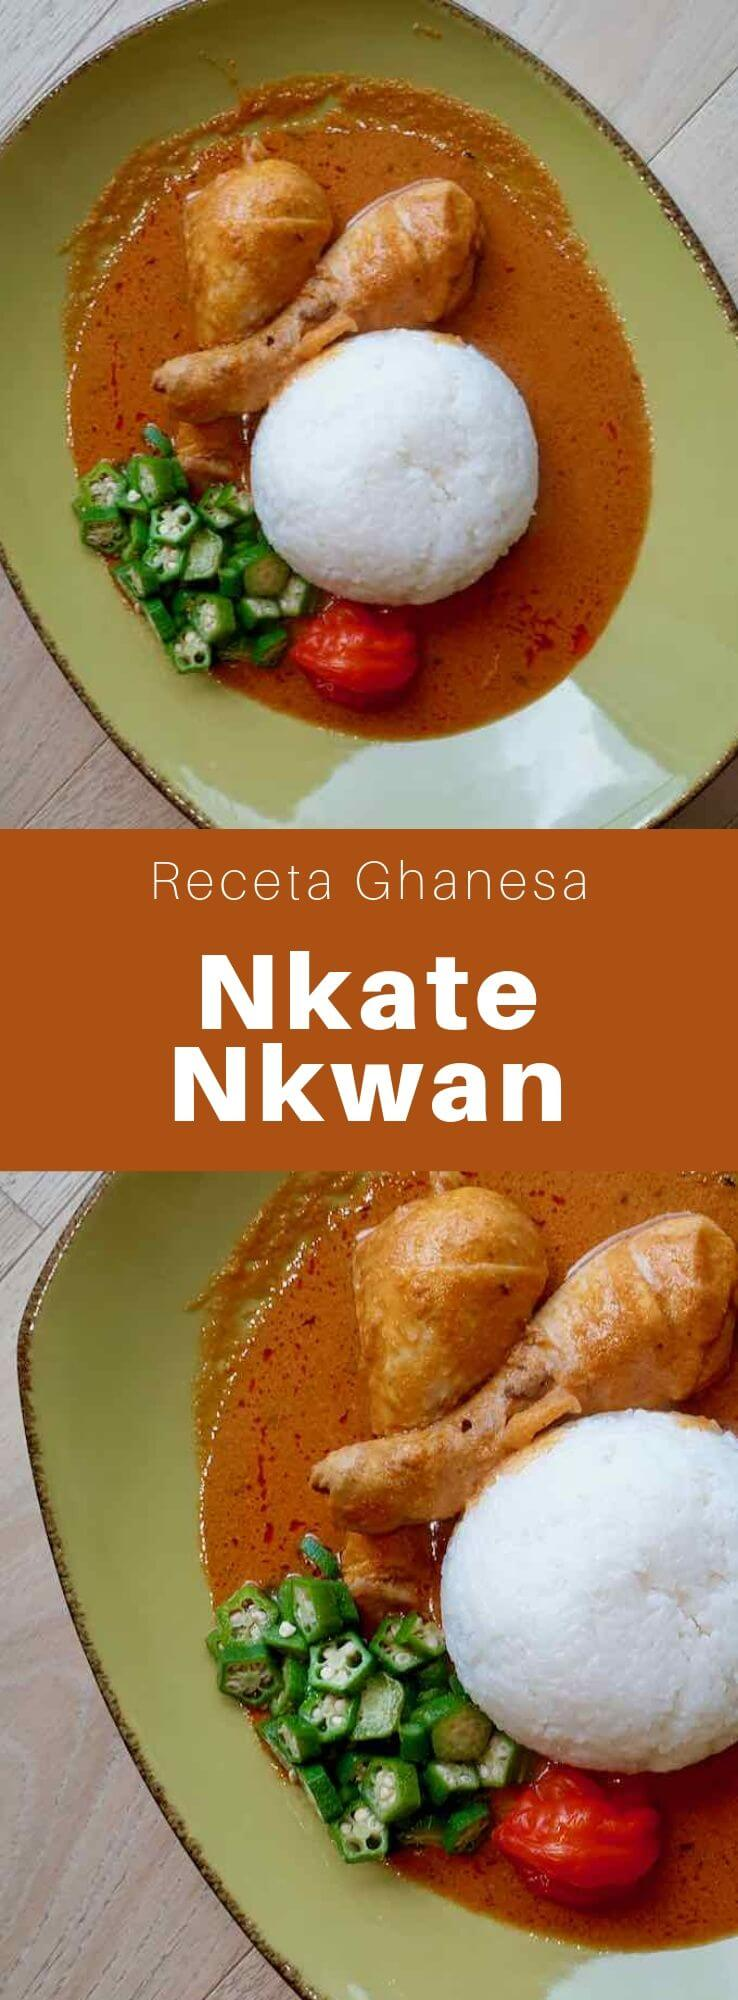 El nkate nkwan es uno de los platos nacionales más famosos de Ghana. Es una deliciosa sopa hecha de maní.